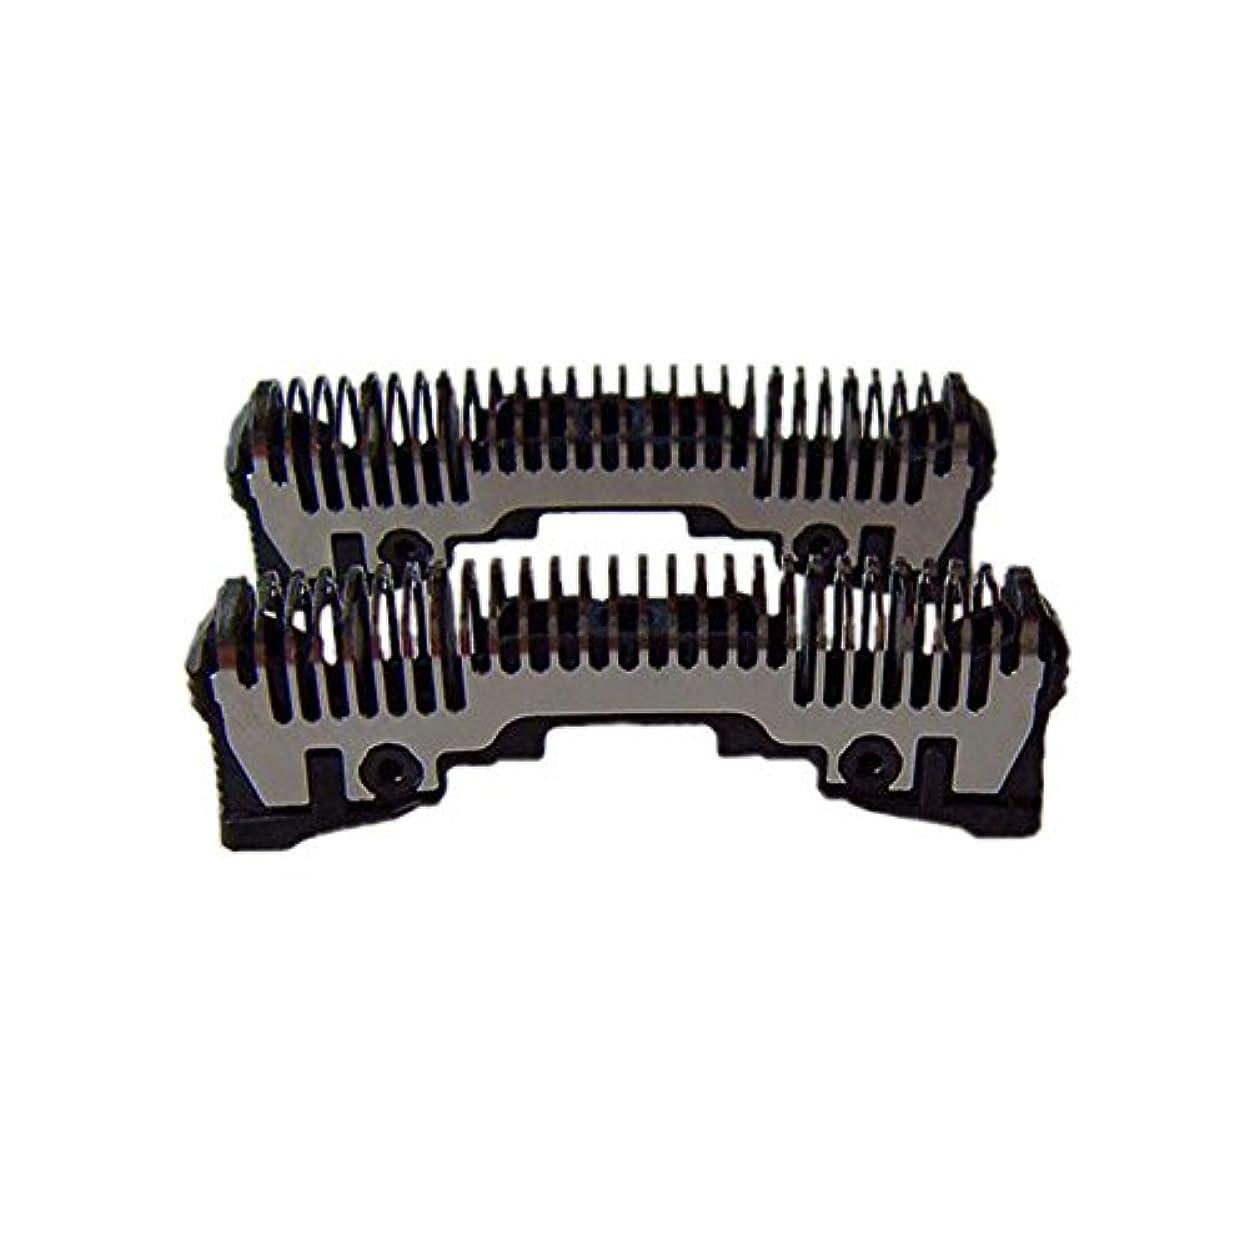 超越する下線著名なJanjunsi 回転式シェーバー シェーバーパーツ シェーバー 交換用 替刃 内刃 耐用 for Panasonic ES-RT84/-LT72/-LT52/-ST25 ES9068C